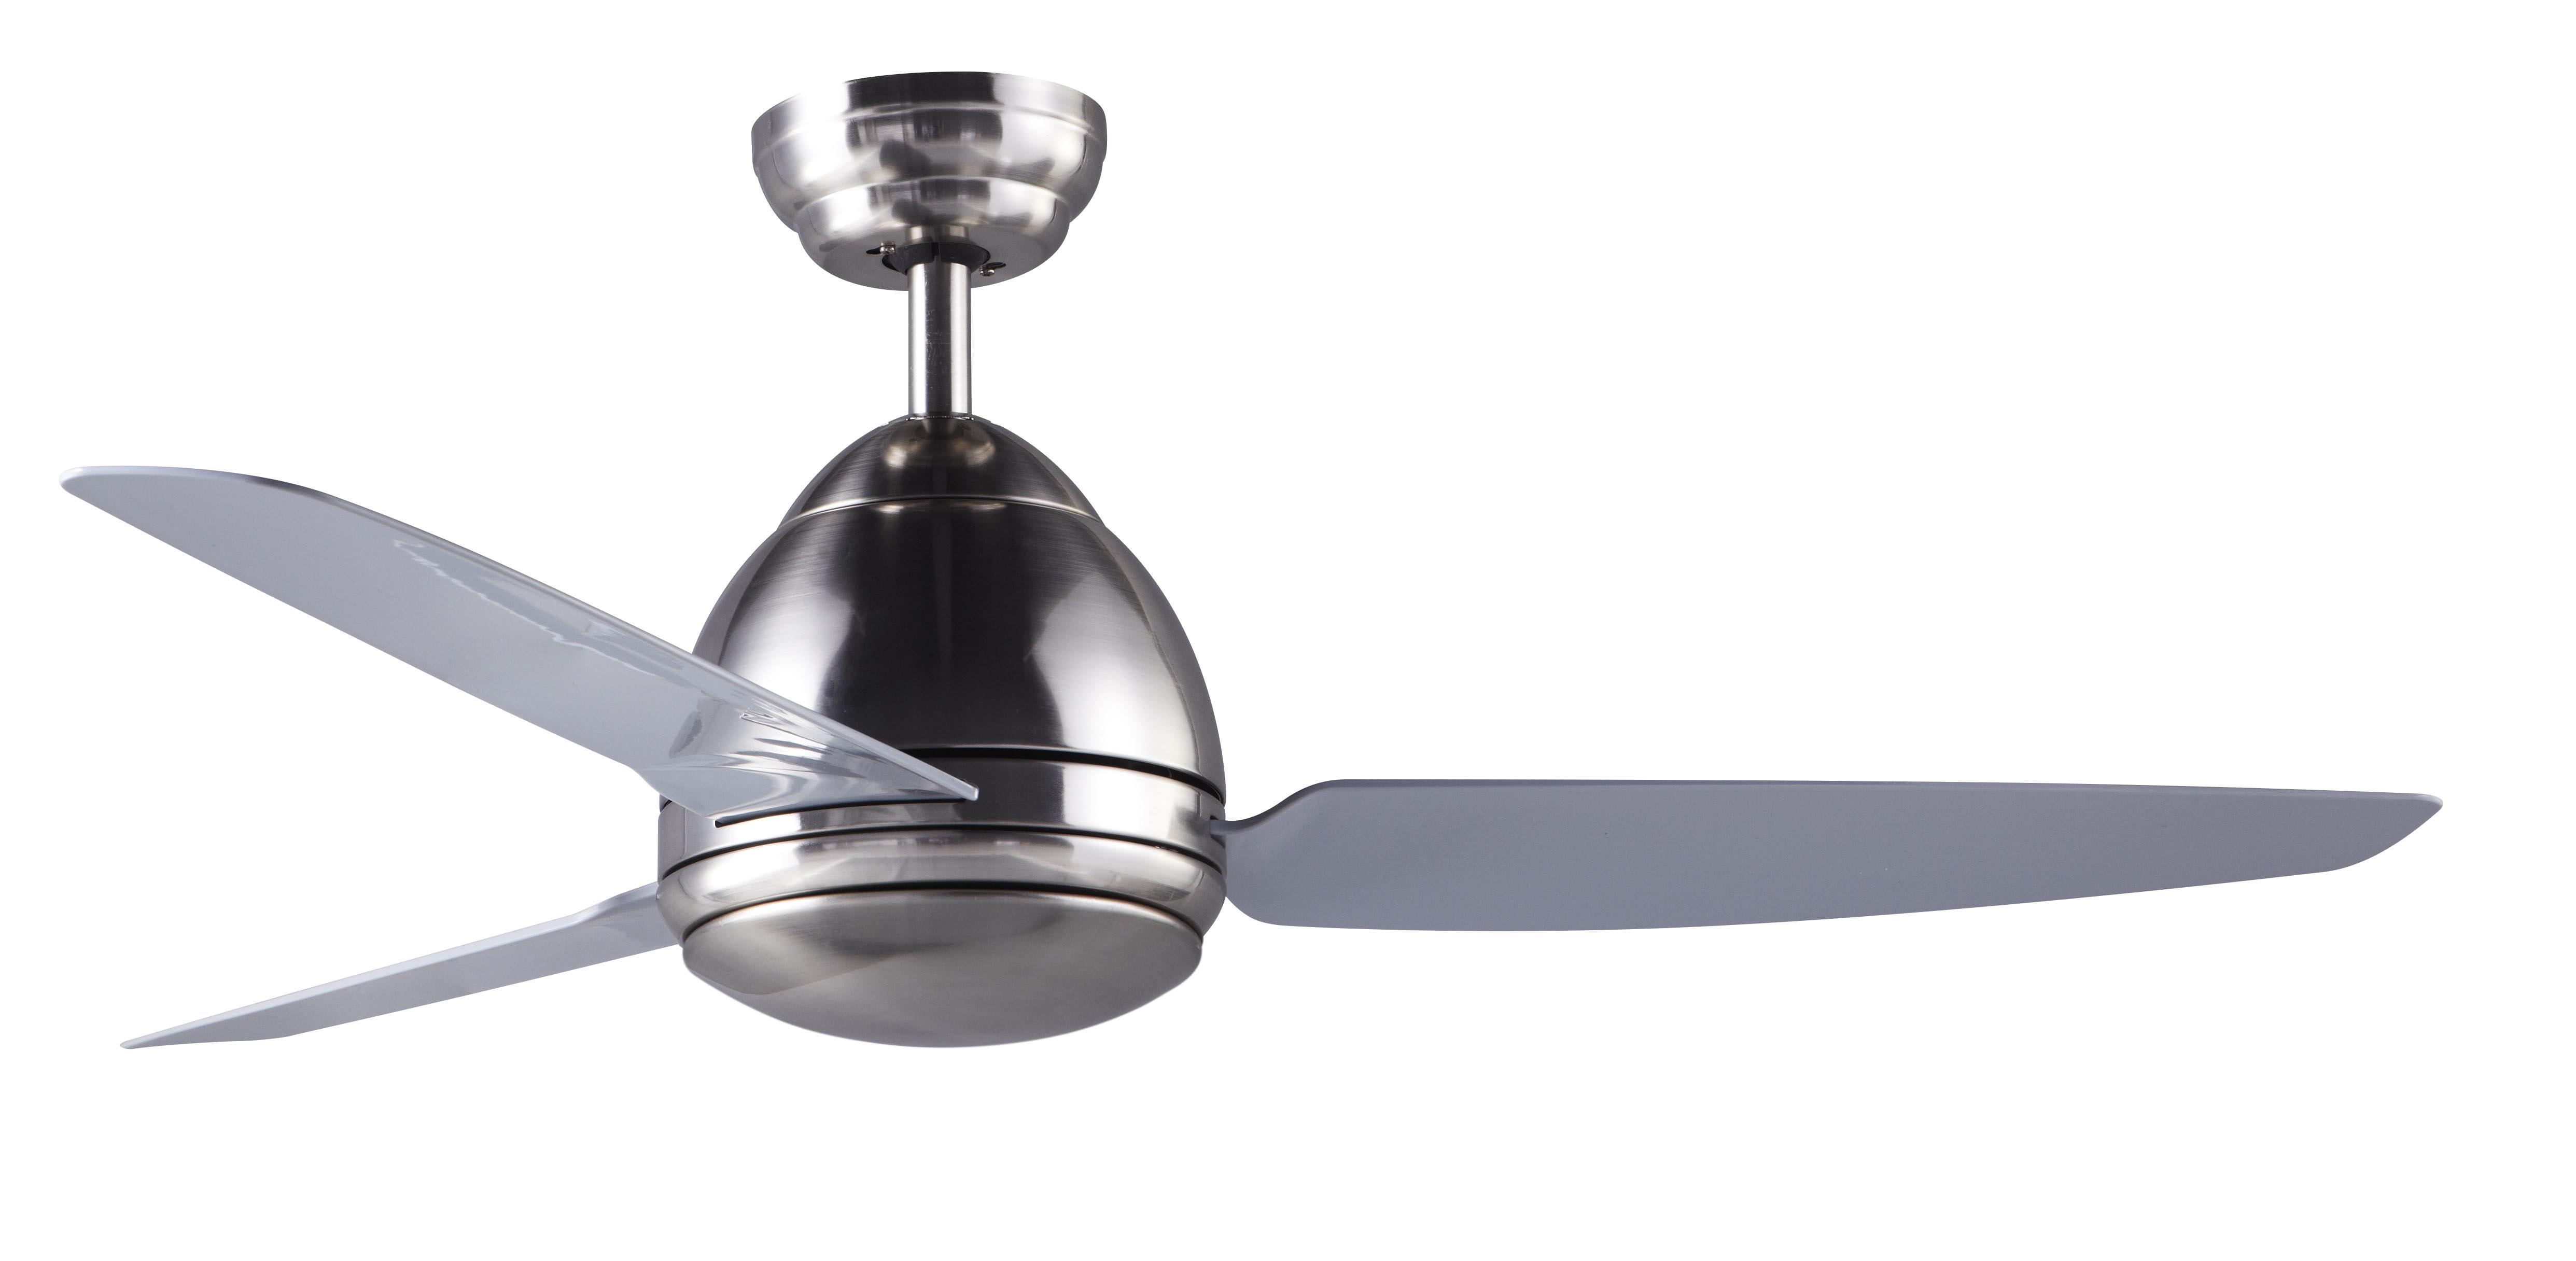 samaire-sa483-nl-ceiling-fan-sembawang-lighting-house-st.jpg